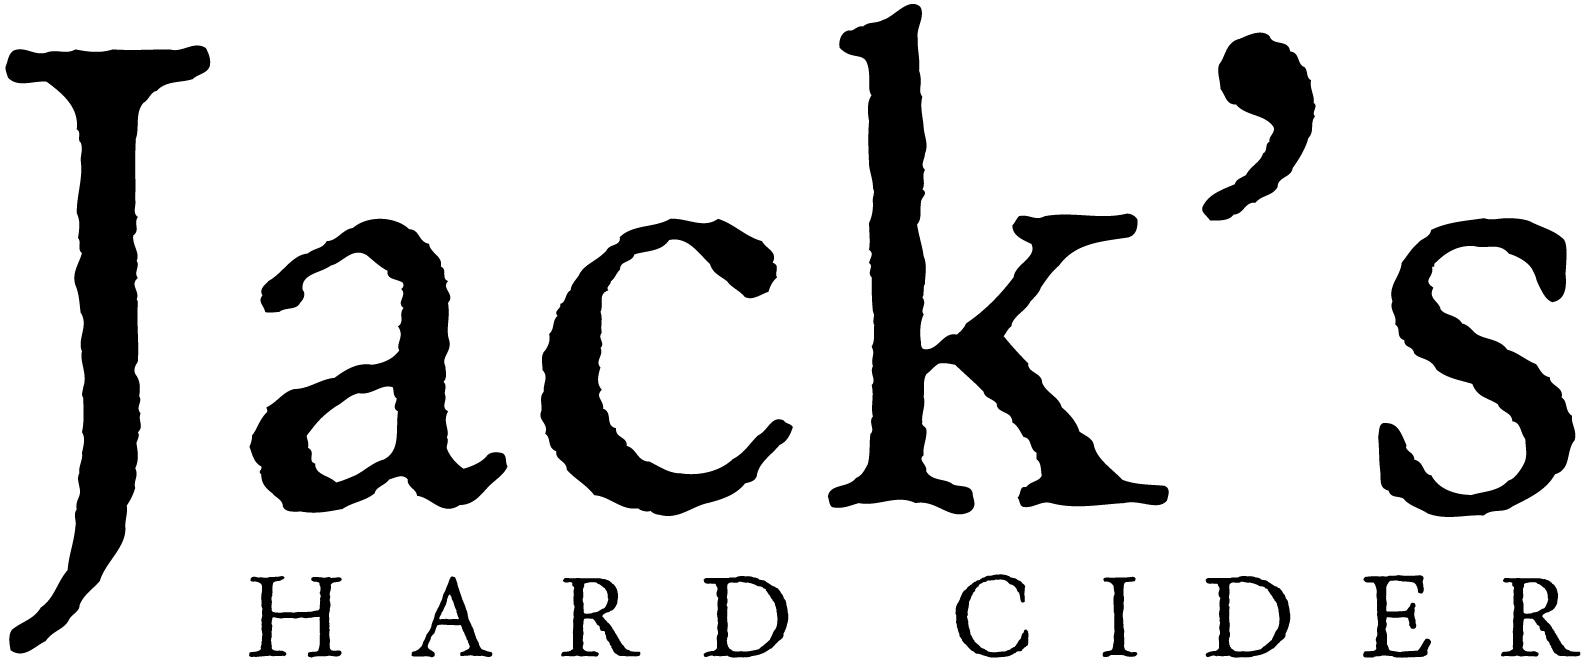 Jack's Cider